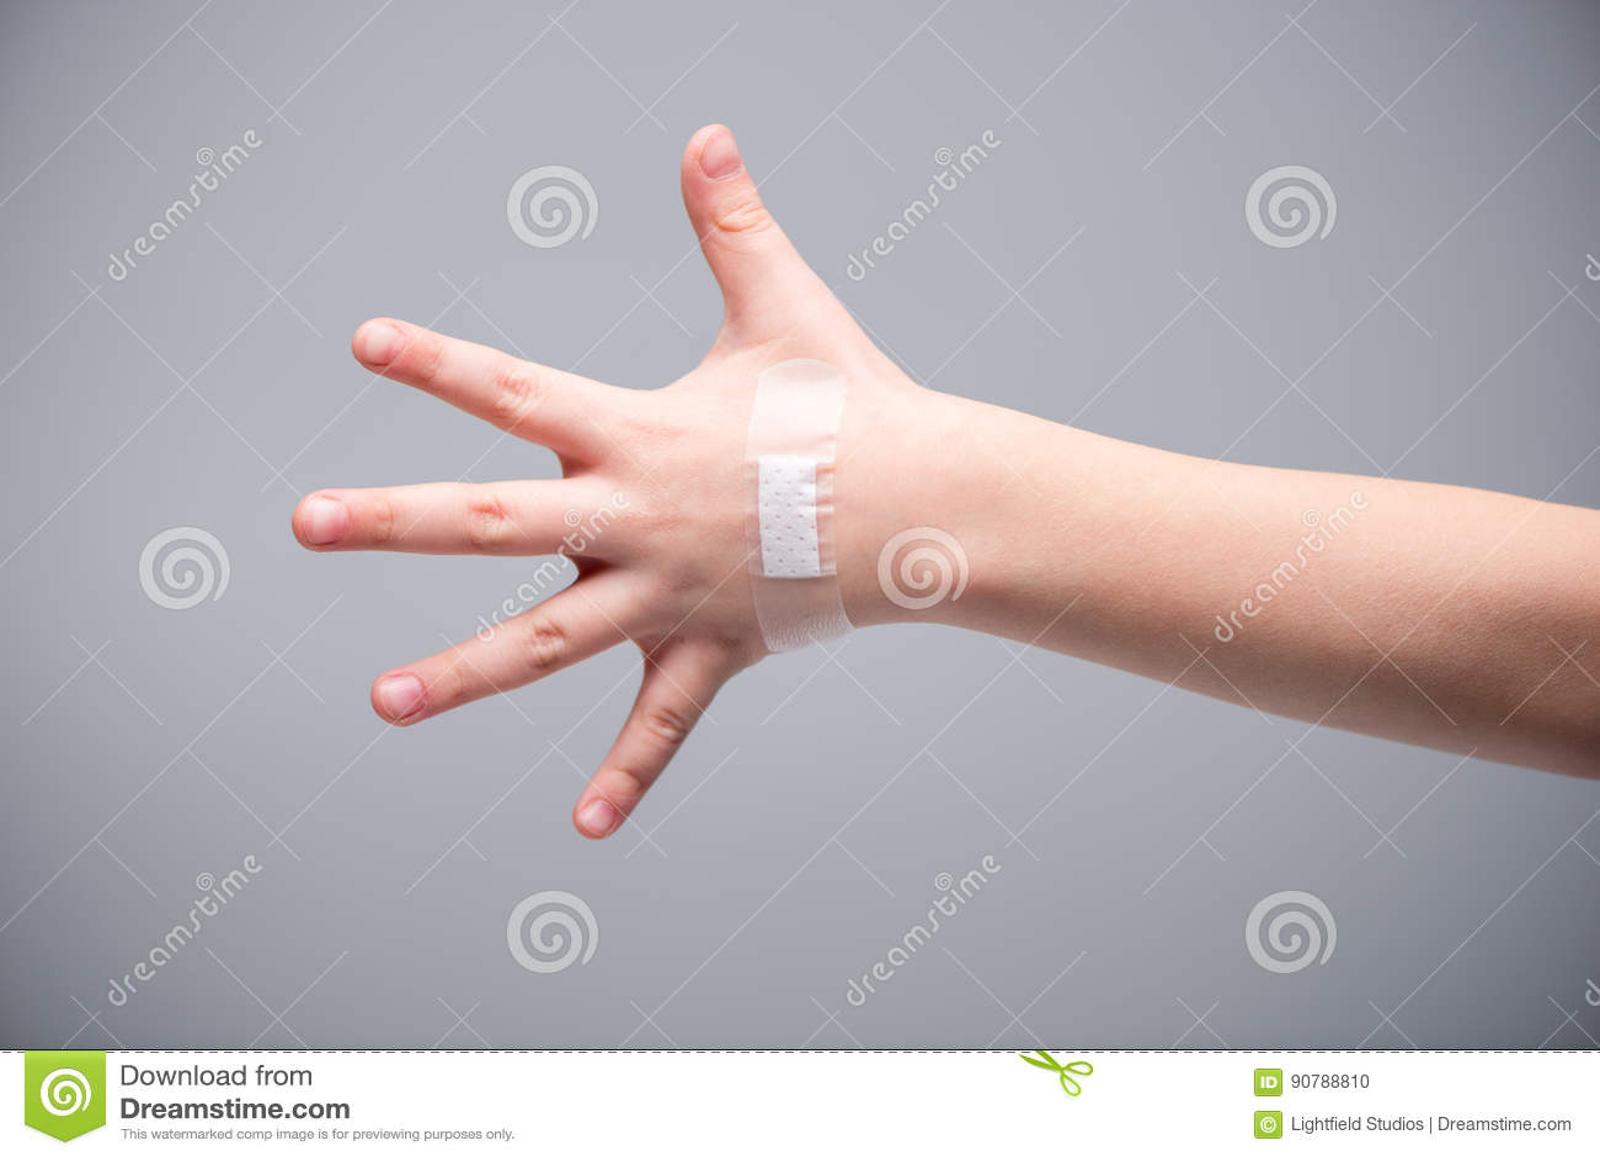 Der hand auf flecken Hautkrankheiten erkennen